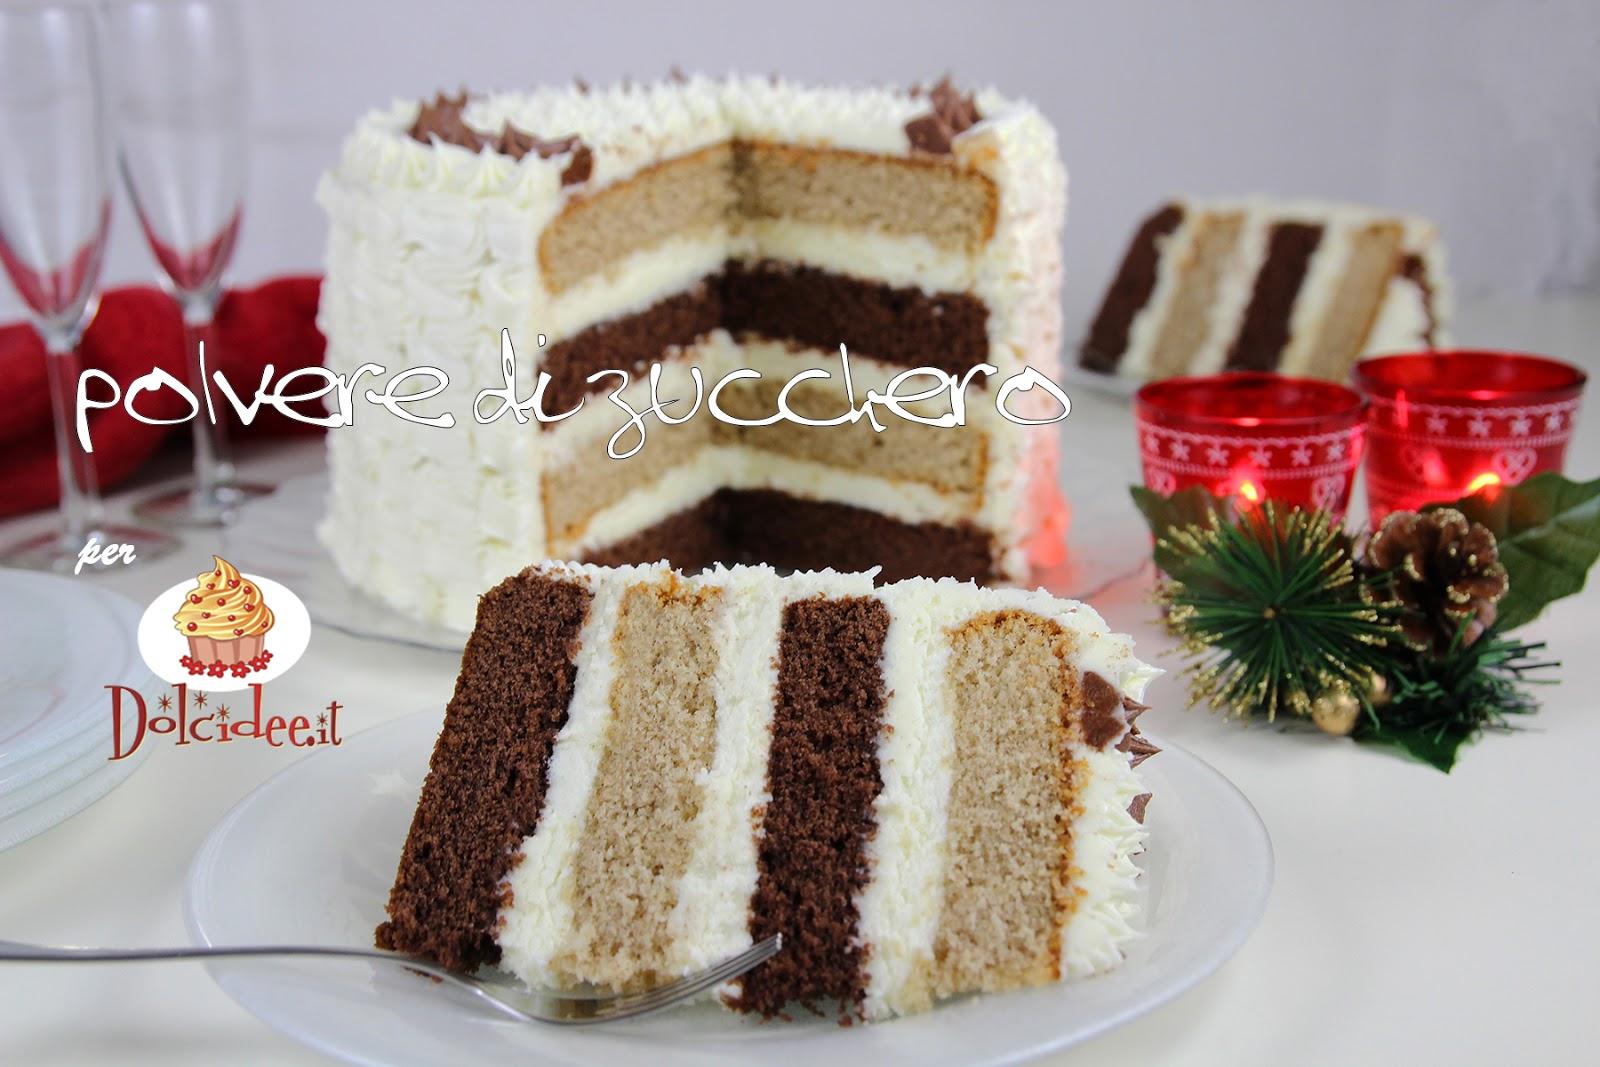 torta ricetta tutorial cioccolato cannella cheese cream natale inverno dolci spezie cameo paneangeli dolcidee